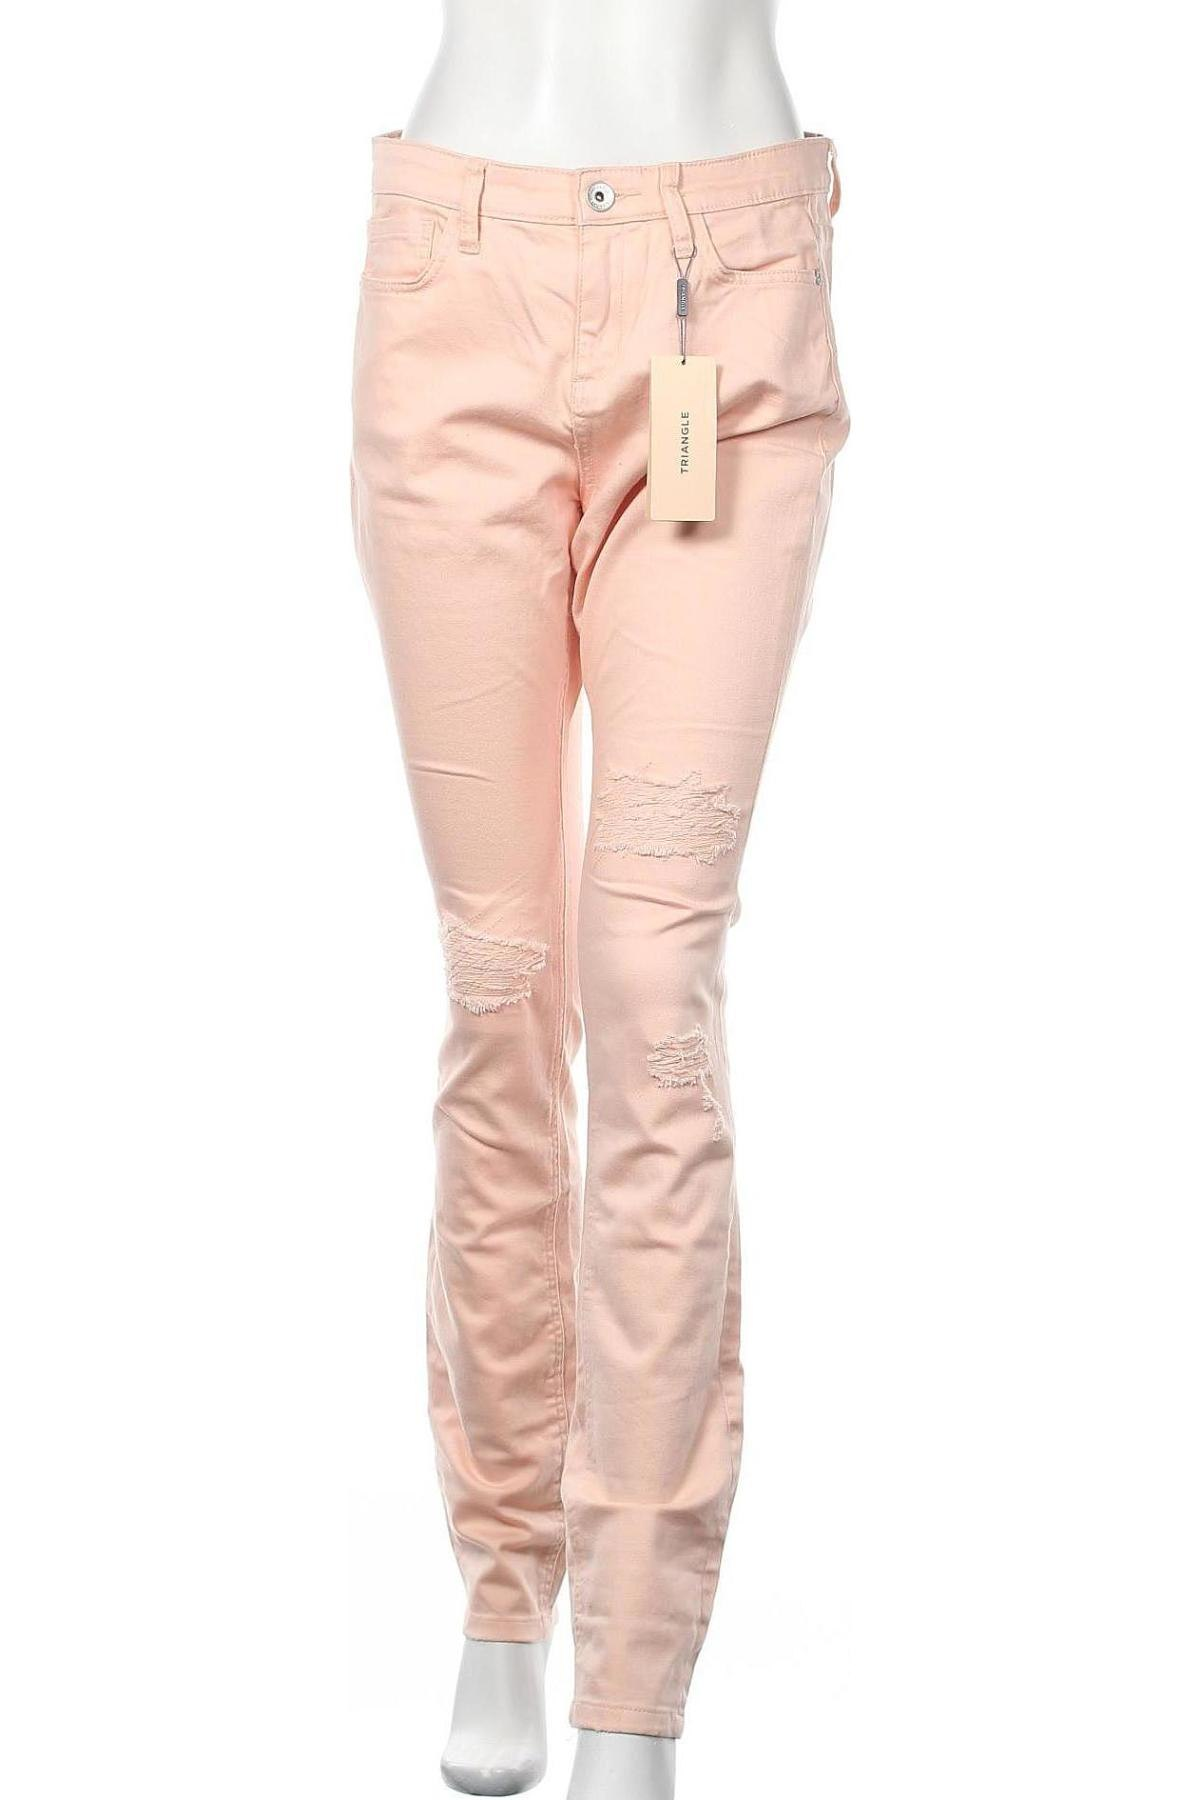 Дамски дънки Triangle By s.Oliver, Размер M, Цвят Розов, 98% памук, 2% еластан, Цена 23,22лв.